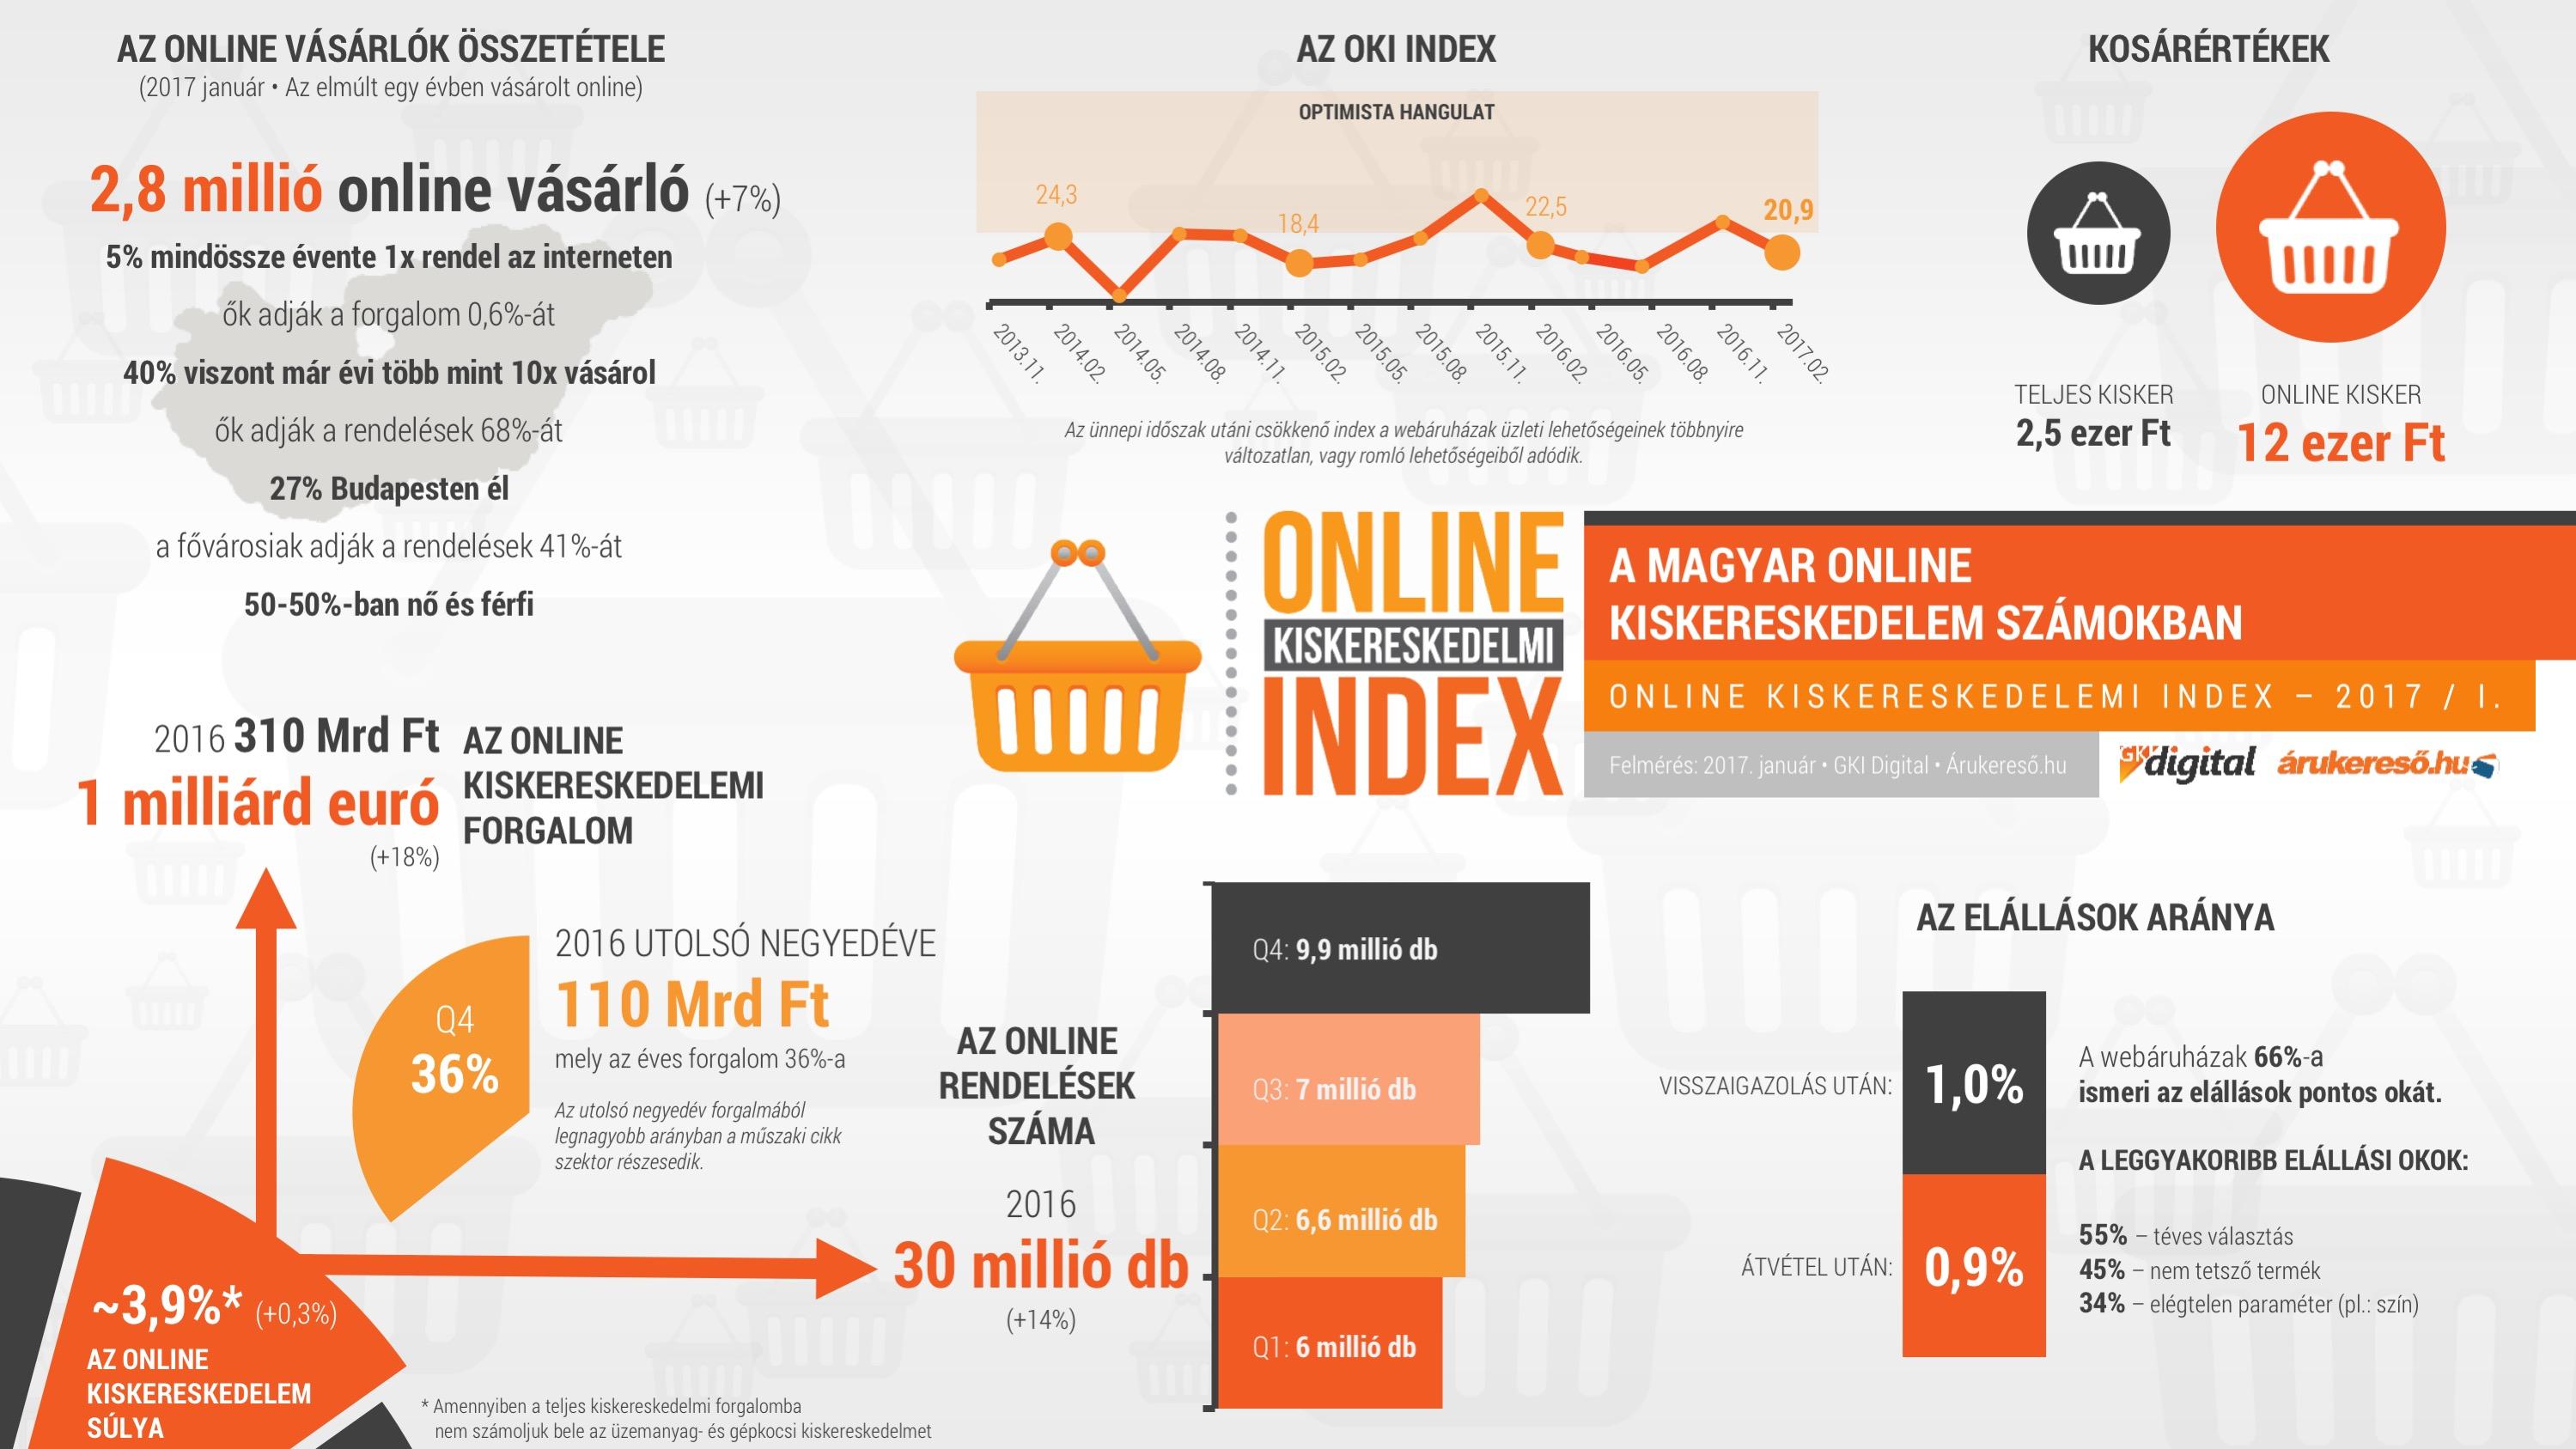 37d13f0e9a (Az eNET kutatása szerint idén közel 2,1 millió felnőtt internetező  vásárolt a Fekete Pénteken. Nemcsak az online, hanem az offline,  hagyományos üzletekben ...